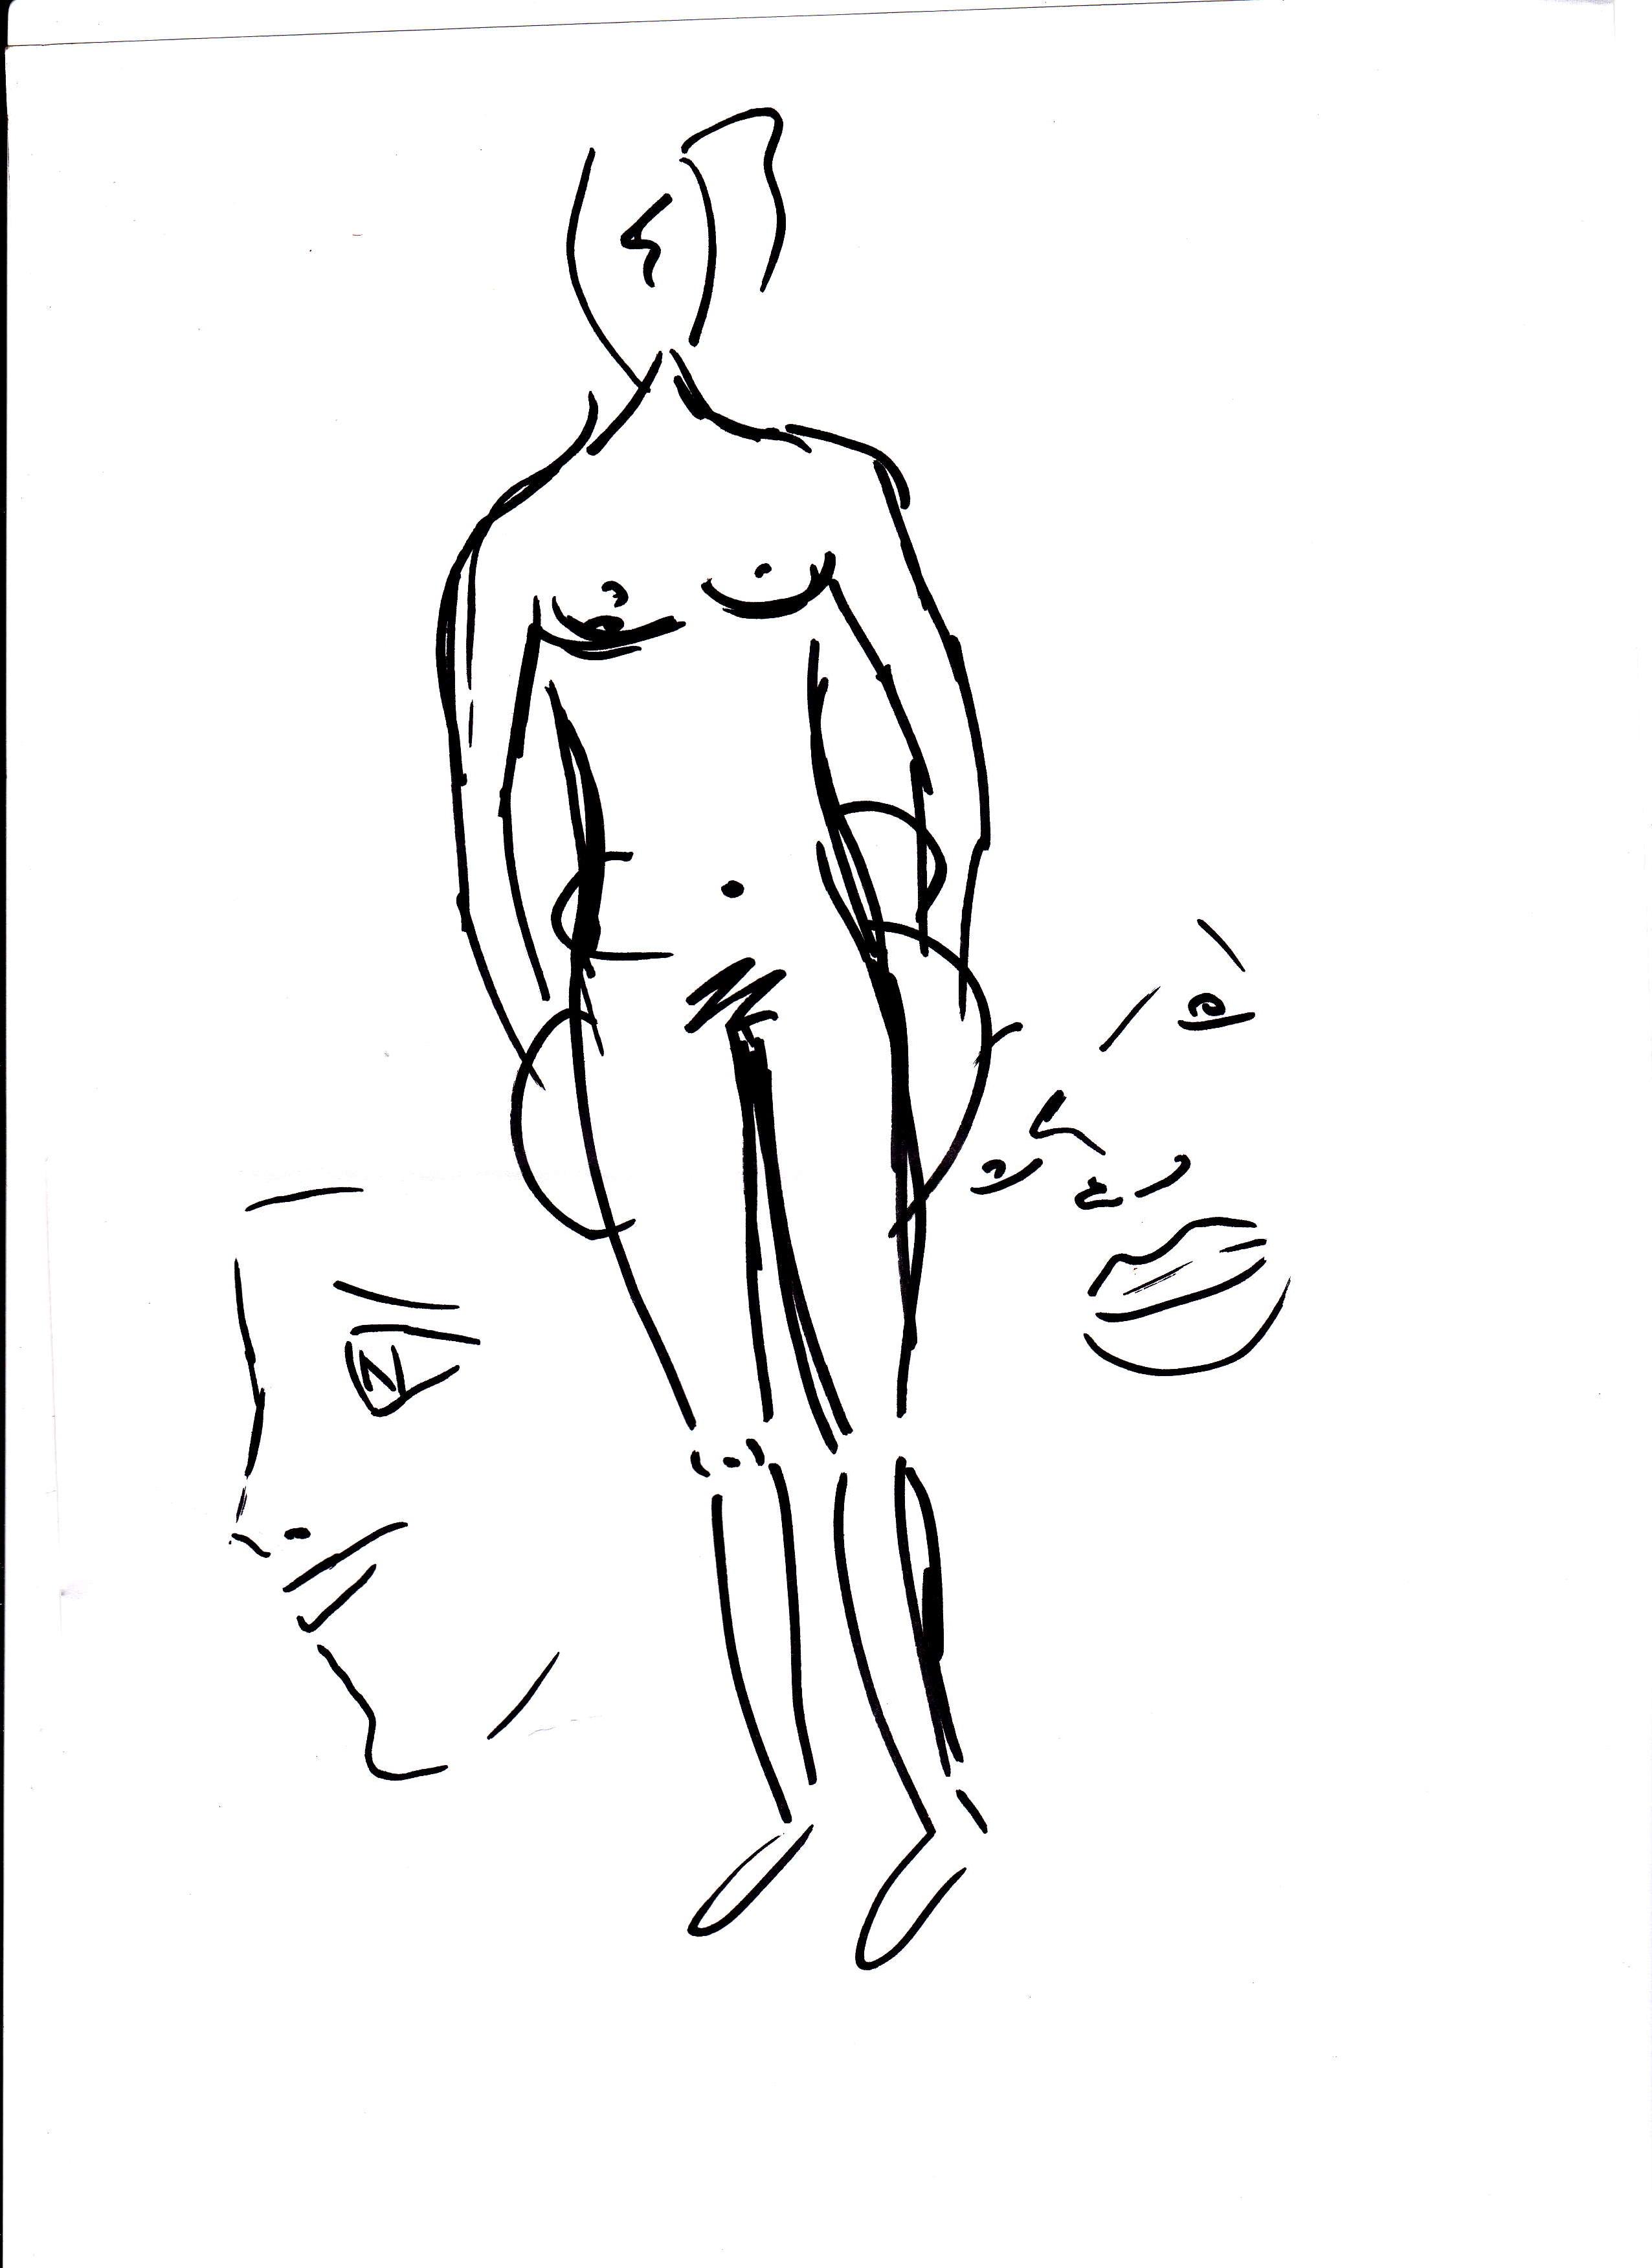 Εικόνα σώματος